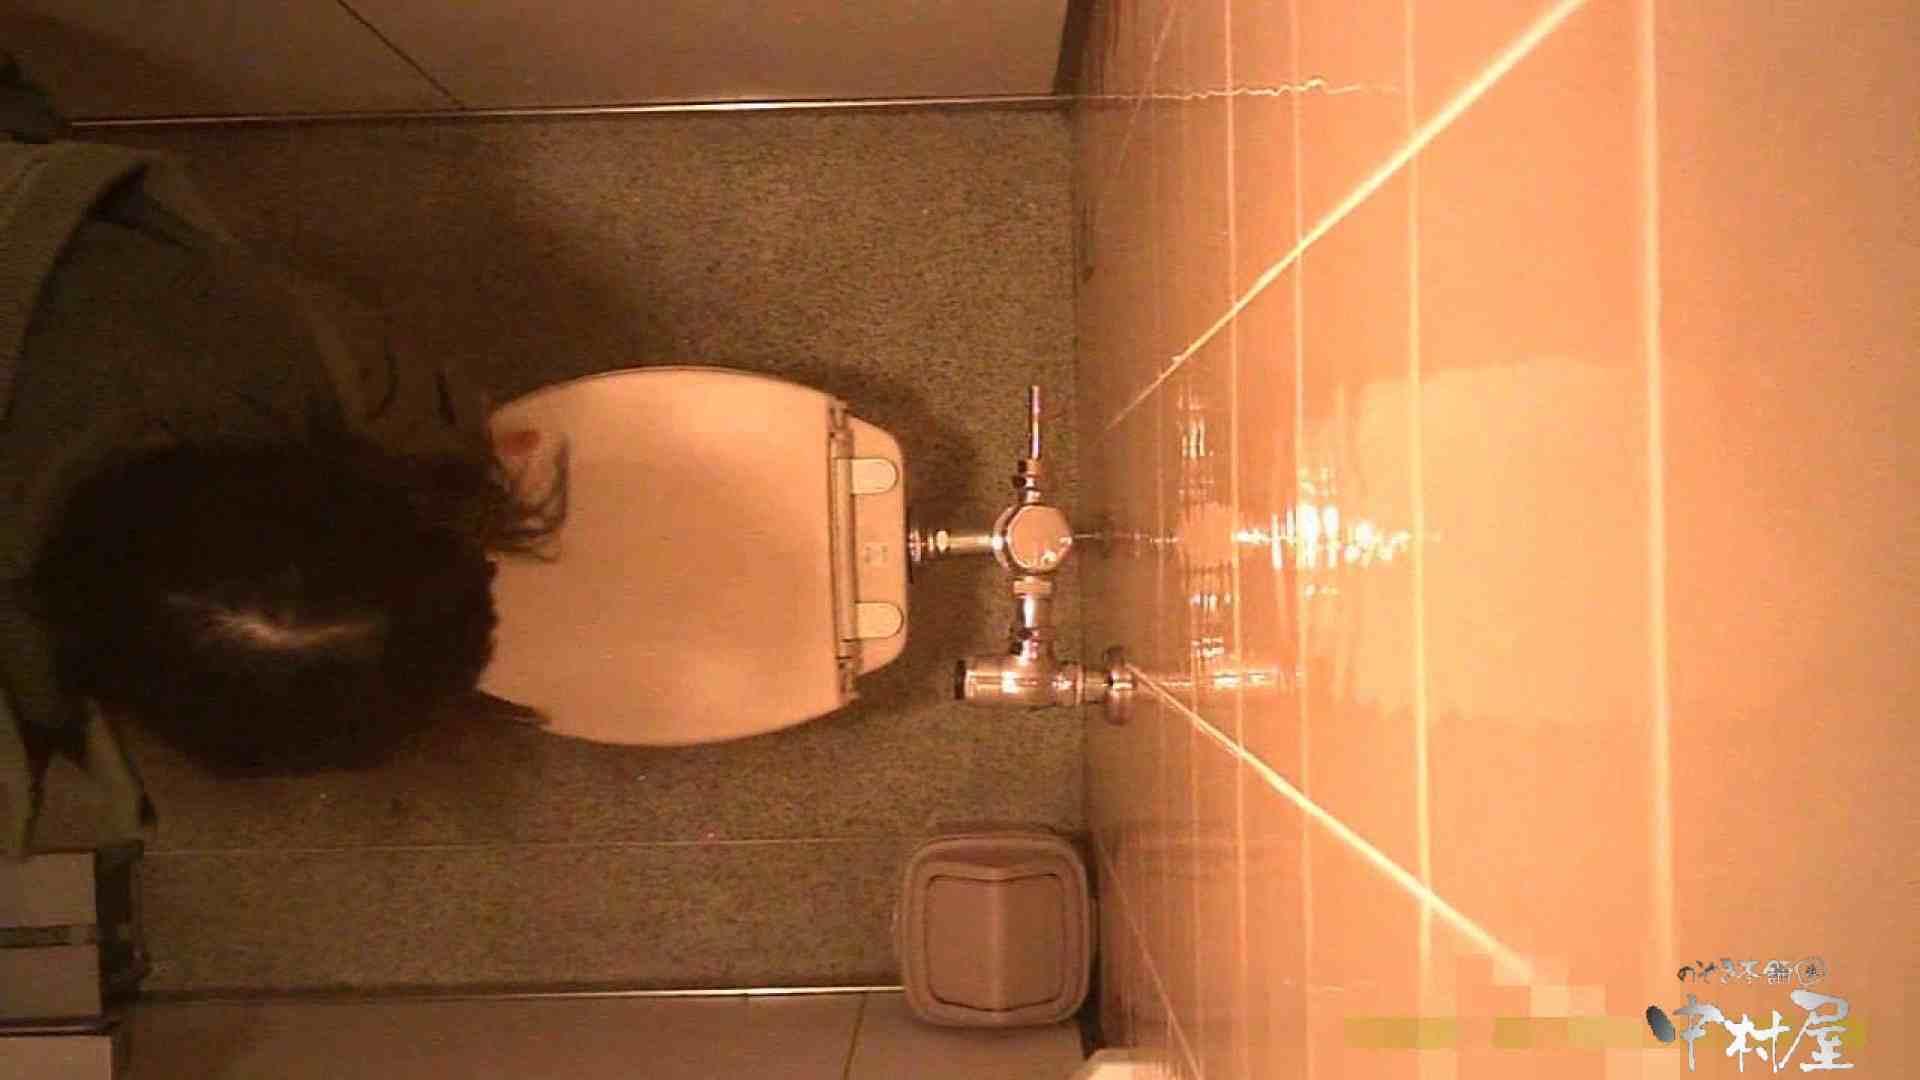 初盗撮!女盗撮師カレンさんの 潜入!女子トイレ盗撮!Vol.5 女子トイレ | 盗撮  61pic 3